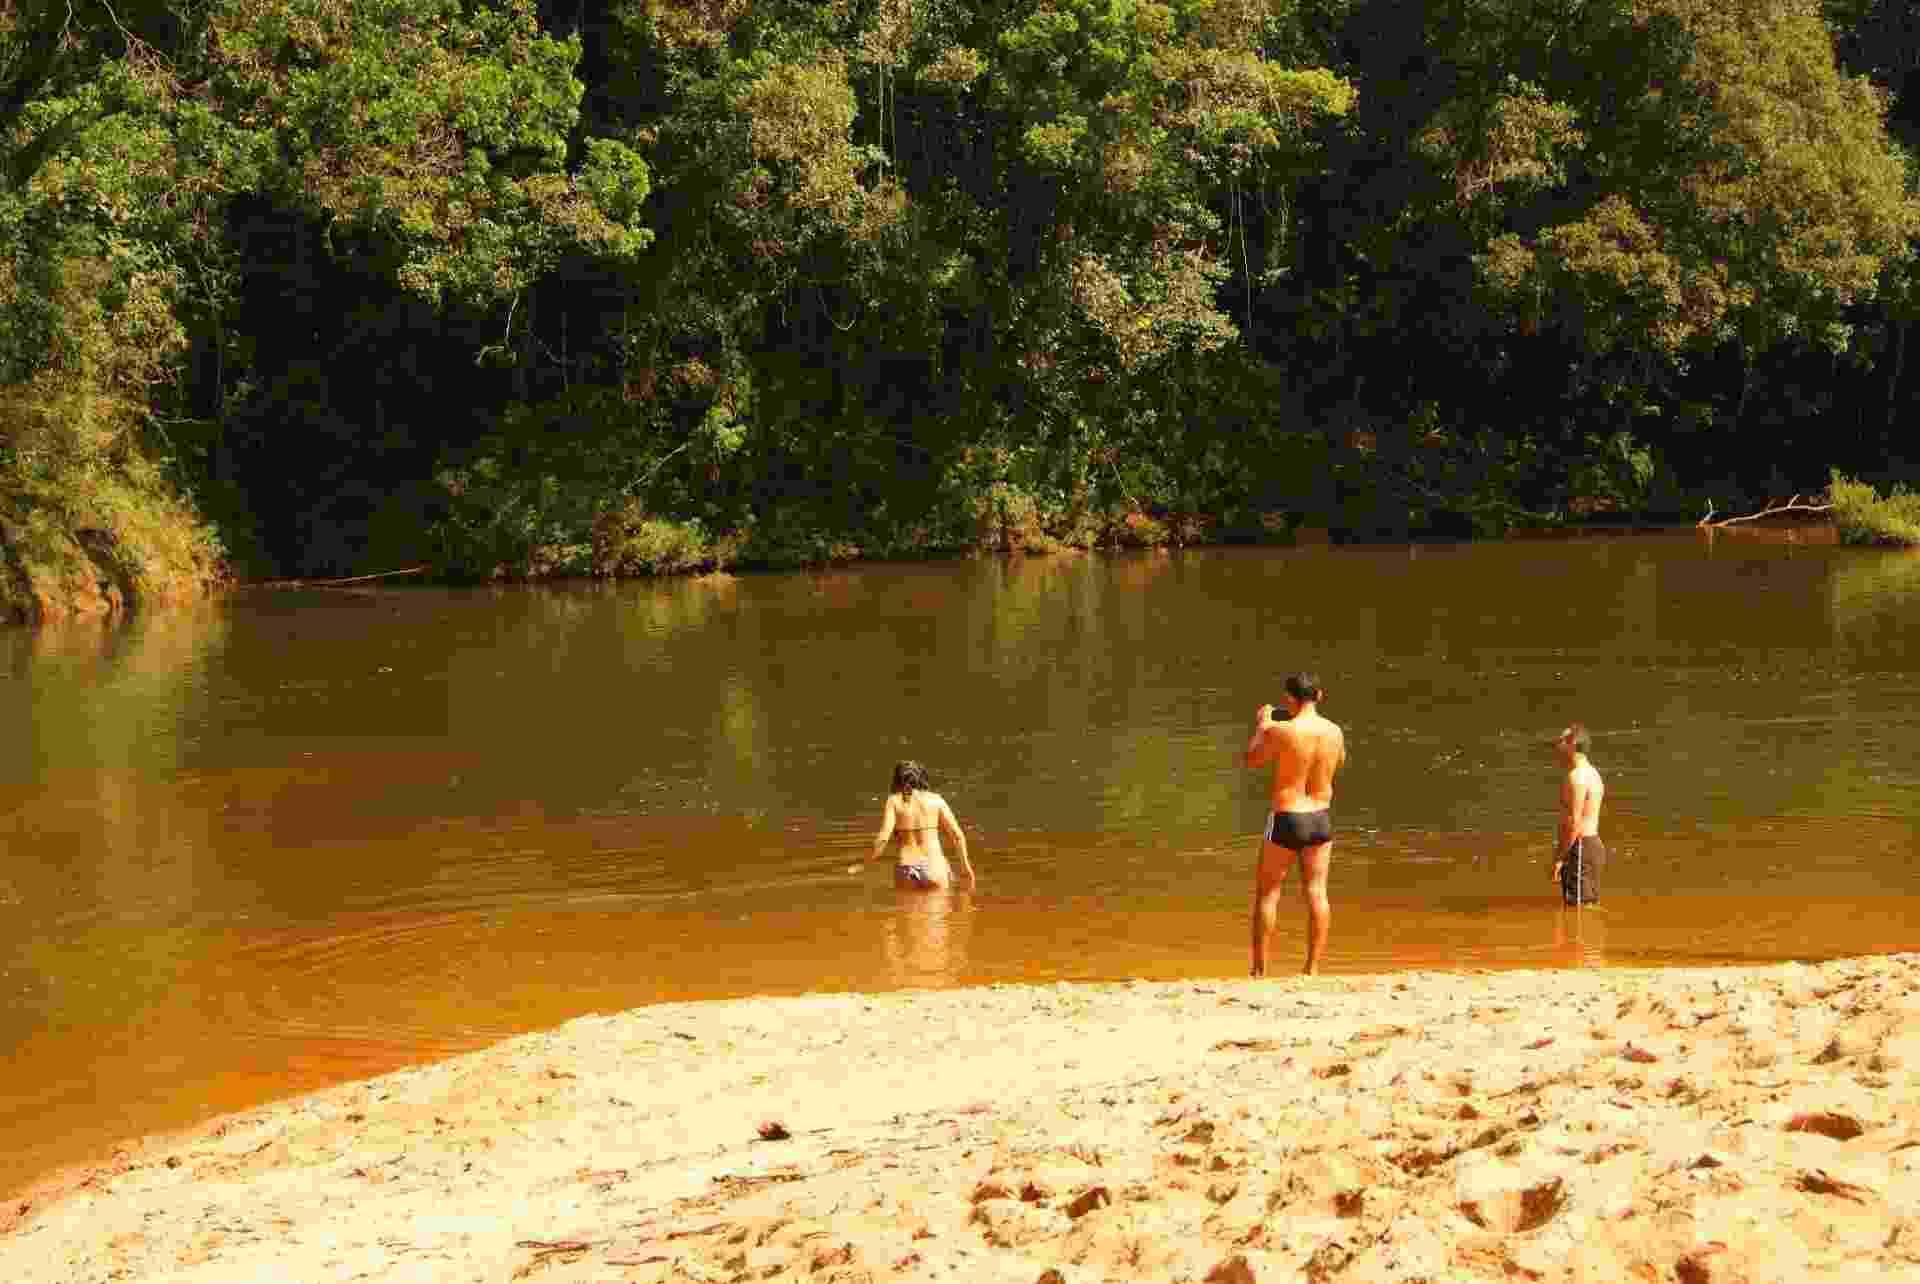 A Cachoeira do Jamil desemboca em uma pequena praia de água doce e extremamente gelada, mas obrigatória para um mergulho - Danilo Valentini/UOL